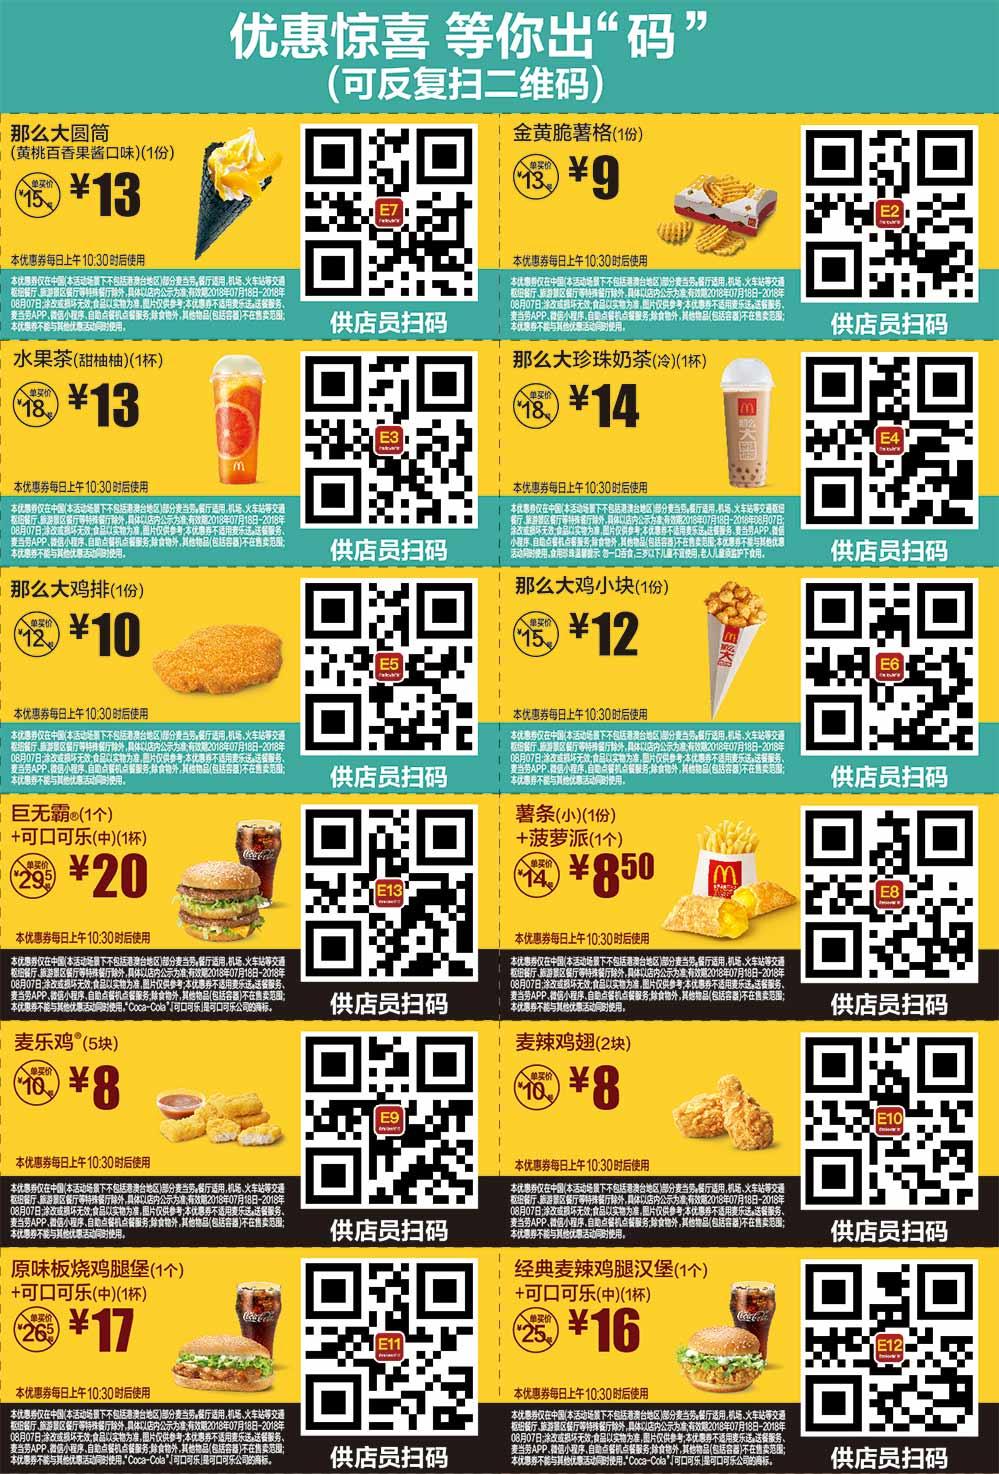 2018年7月8月麦当劳优惠券手机版整张版本,点餐出示给店员扫码享优惠价 有效期至:2018年8月7日 www.5ikfc.com